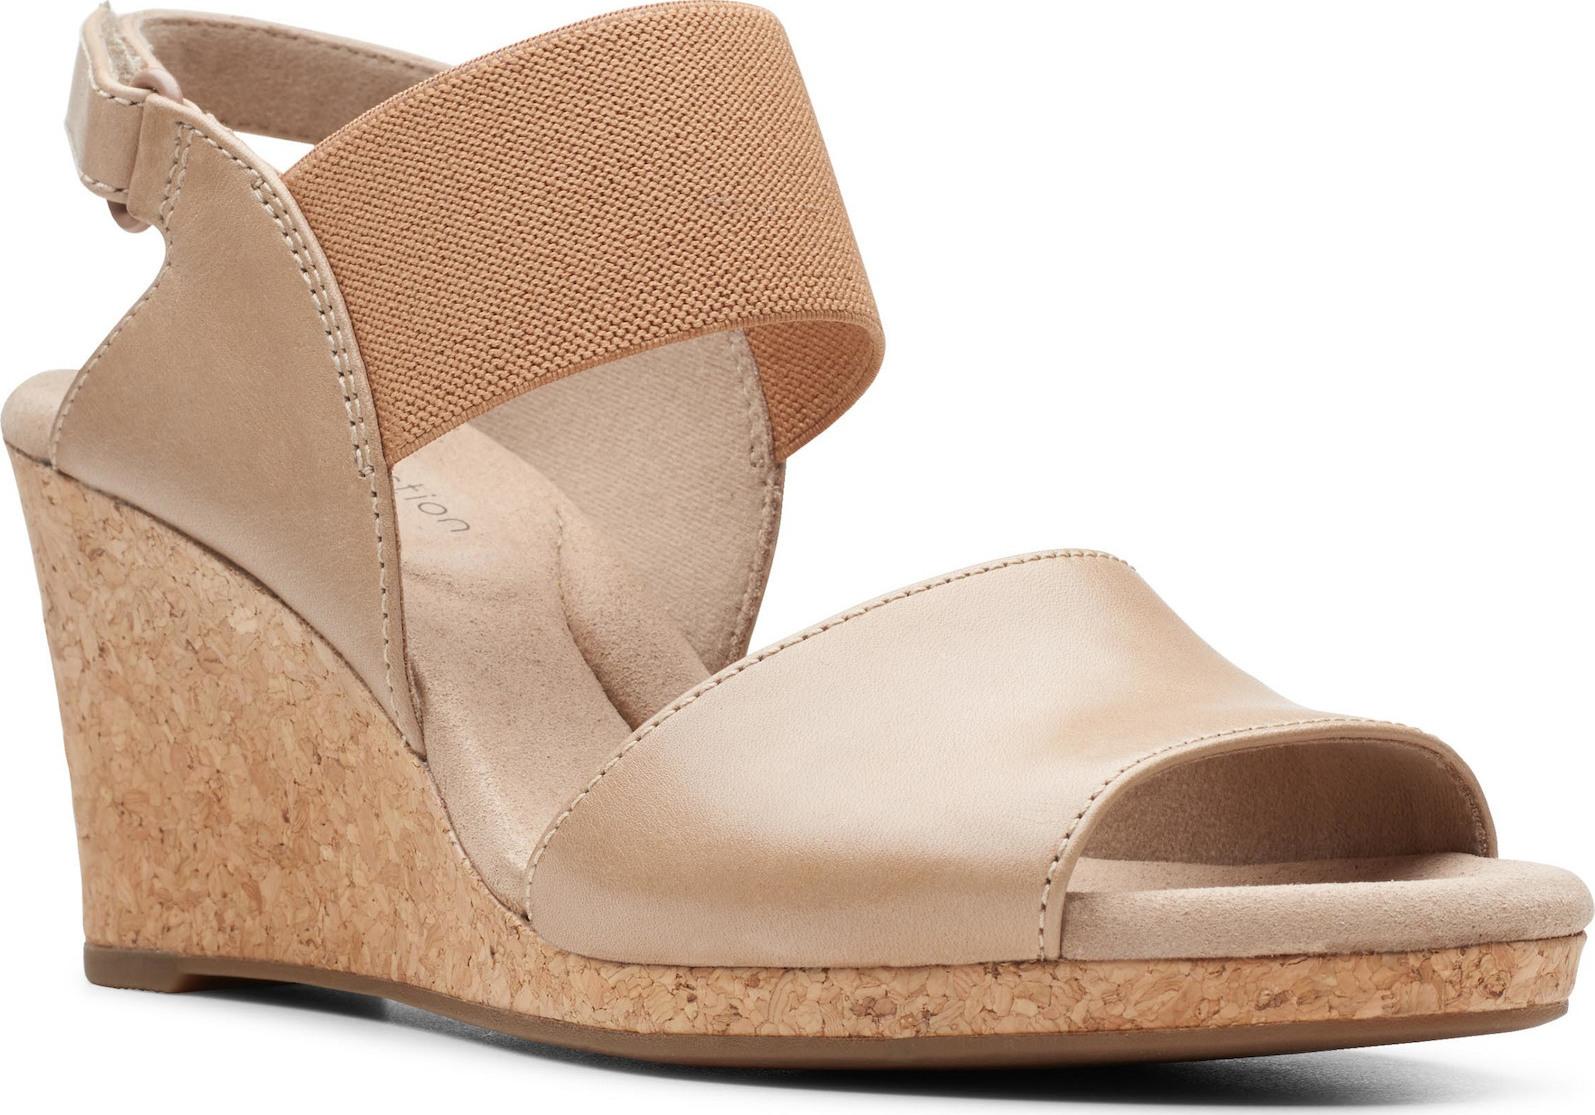 Ανατομικά Παπούτσια Clarks Lafley Lily 26150031 Beige